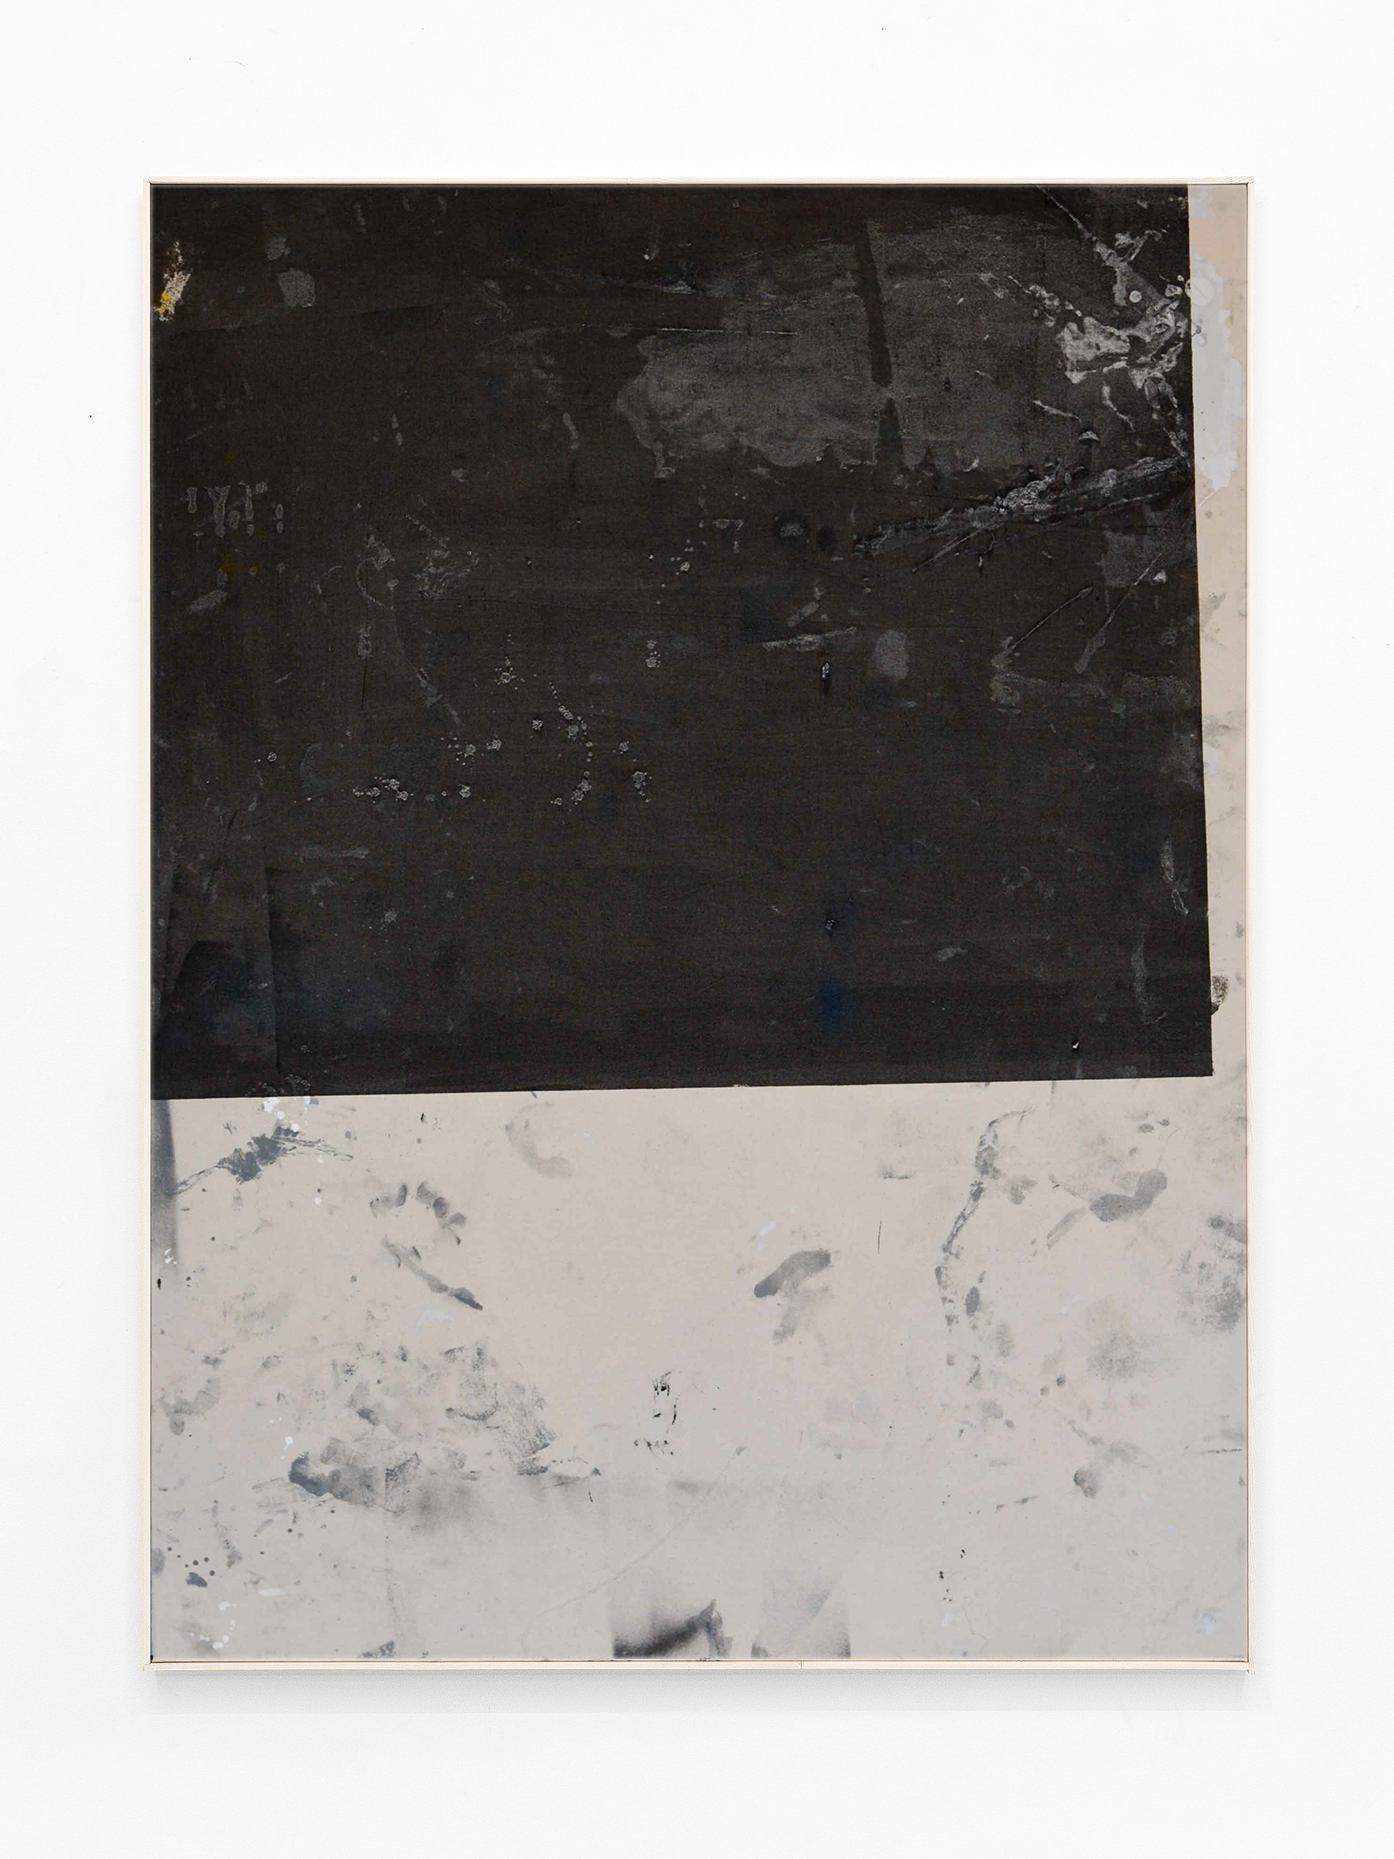 Reuben Beren James, Artwork, Urkle in spanish is Urkle